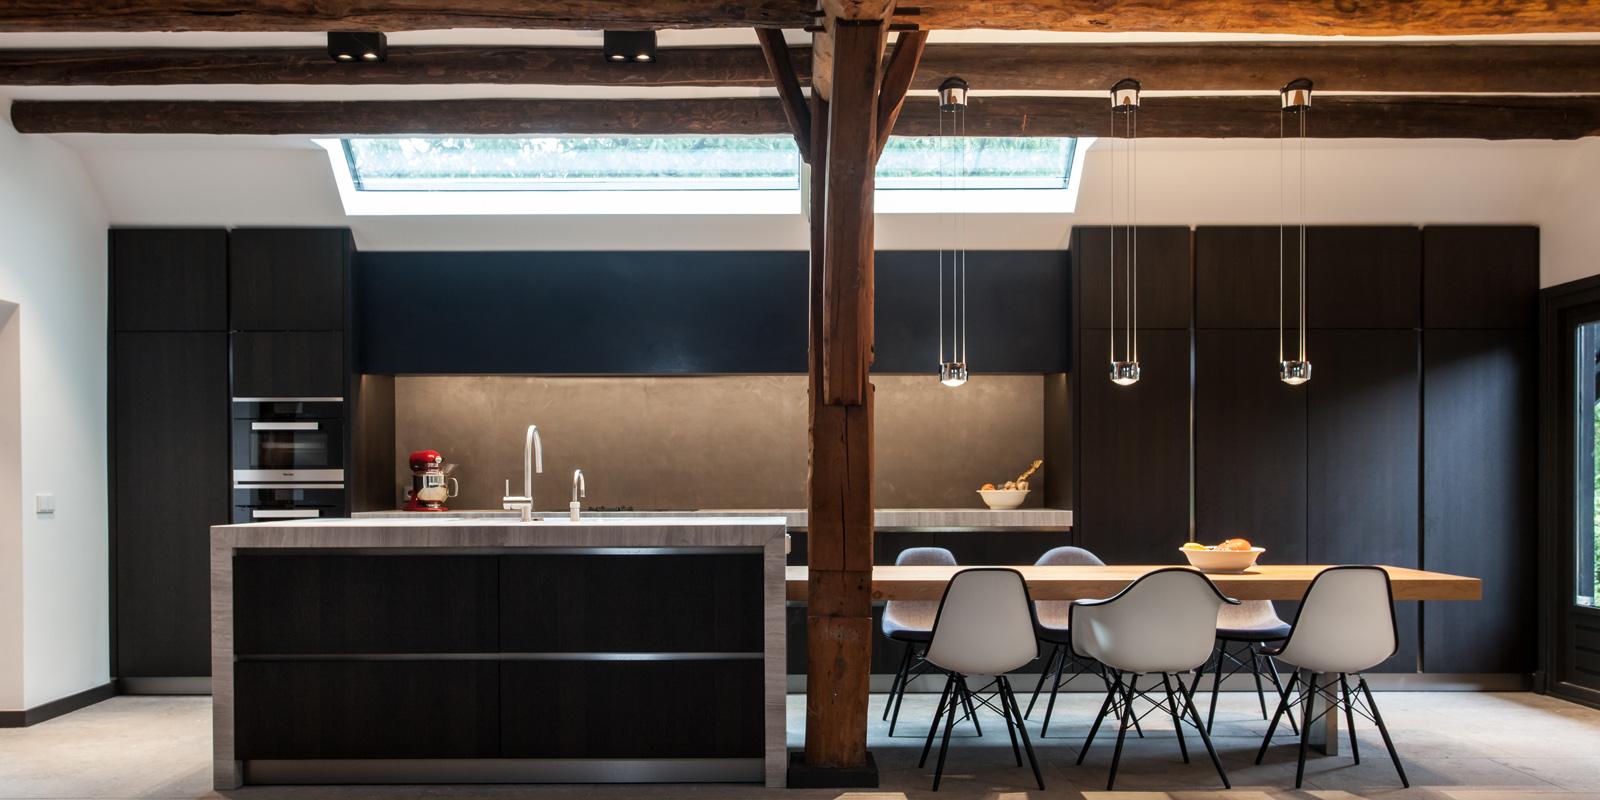 Bob Romijnders Architectuur + Interieur heeft een villa ontworpen die precies aansluit bij de wensen van de bewoners